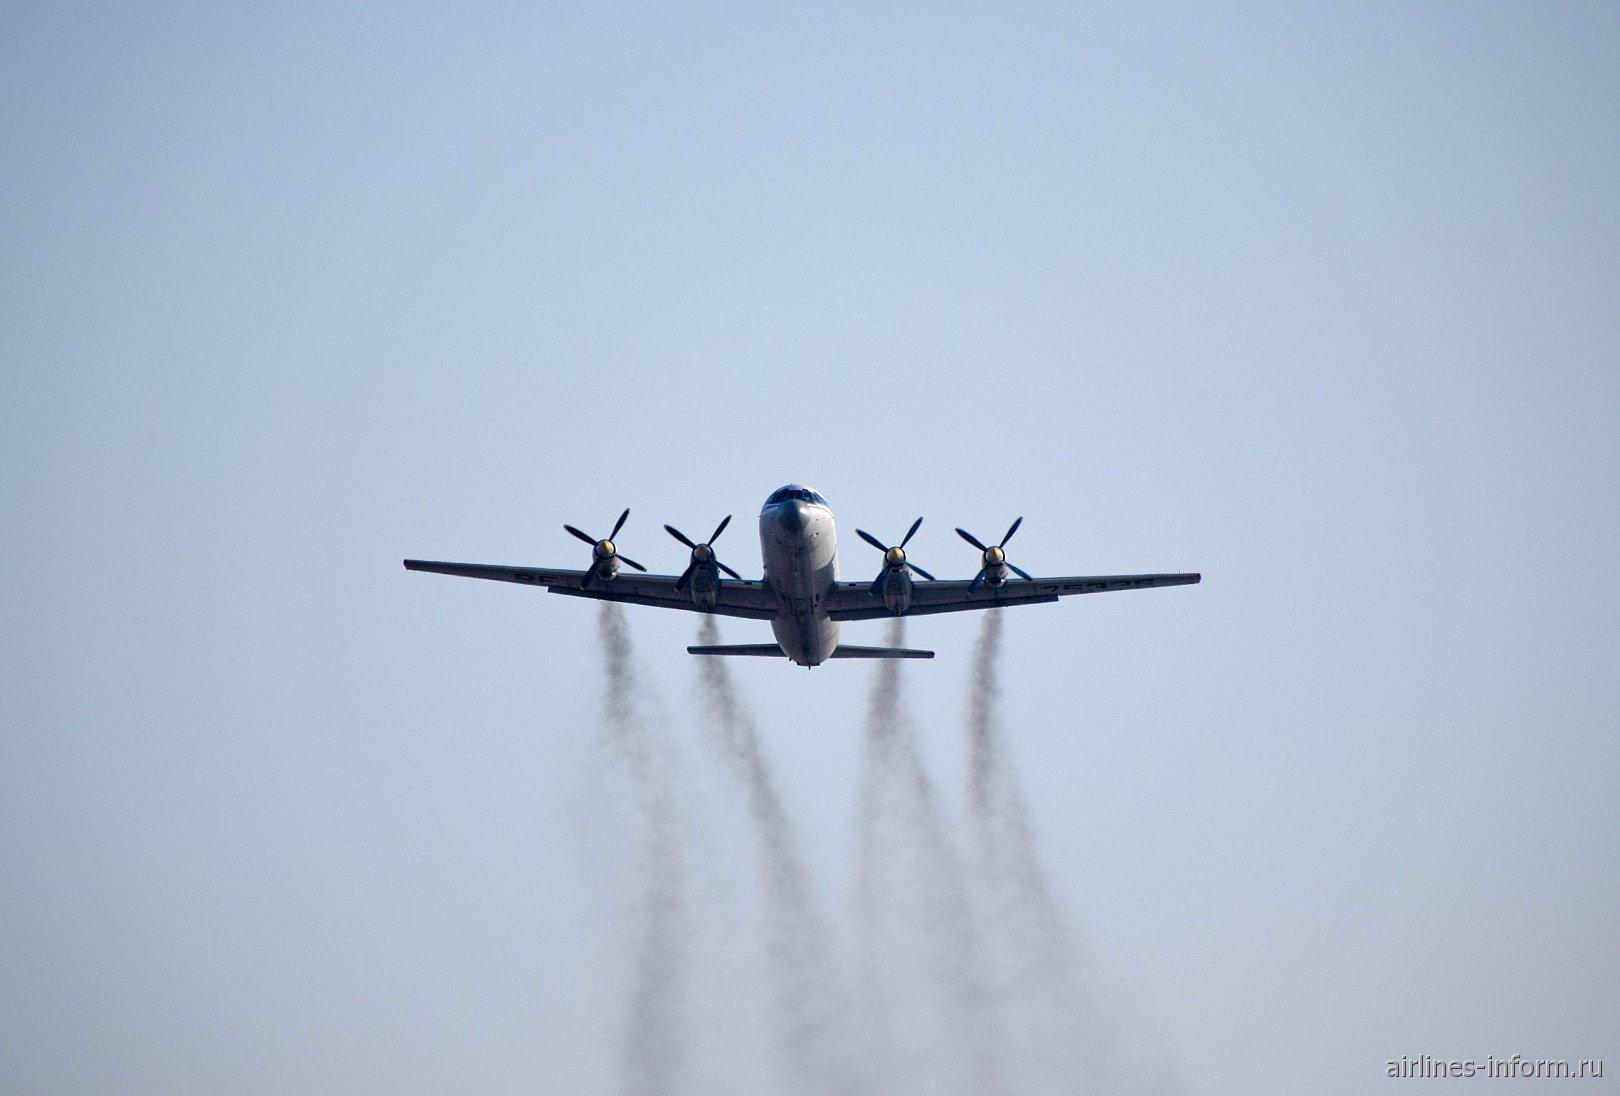 Взлет самолета Ил-18Д ВМФ России